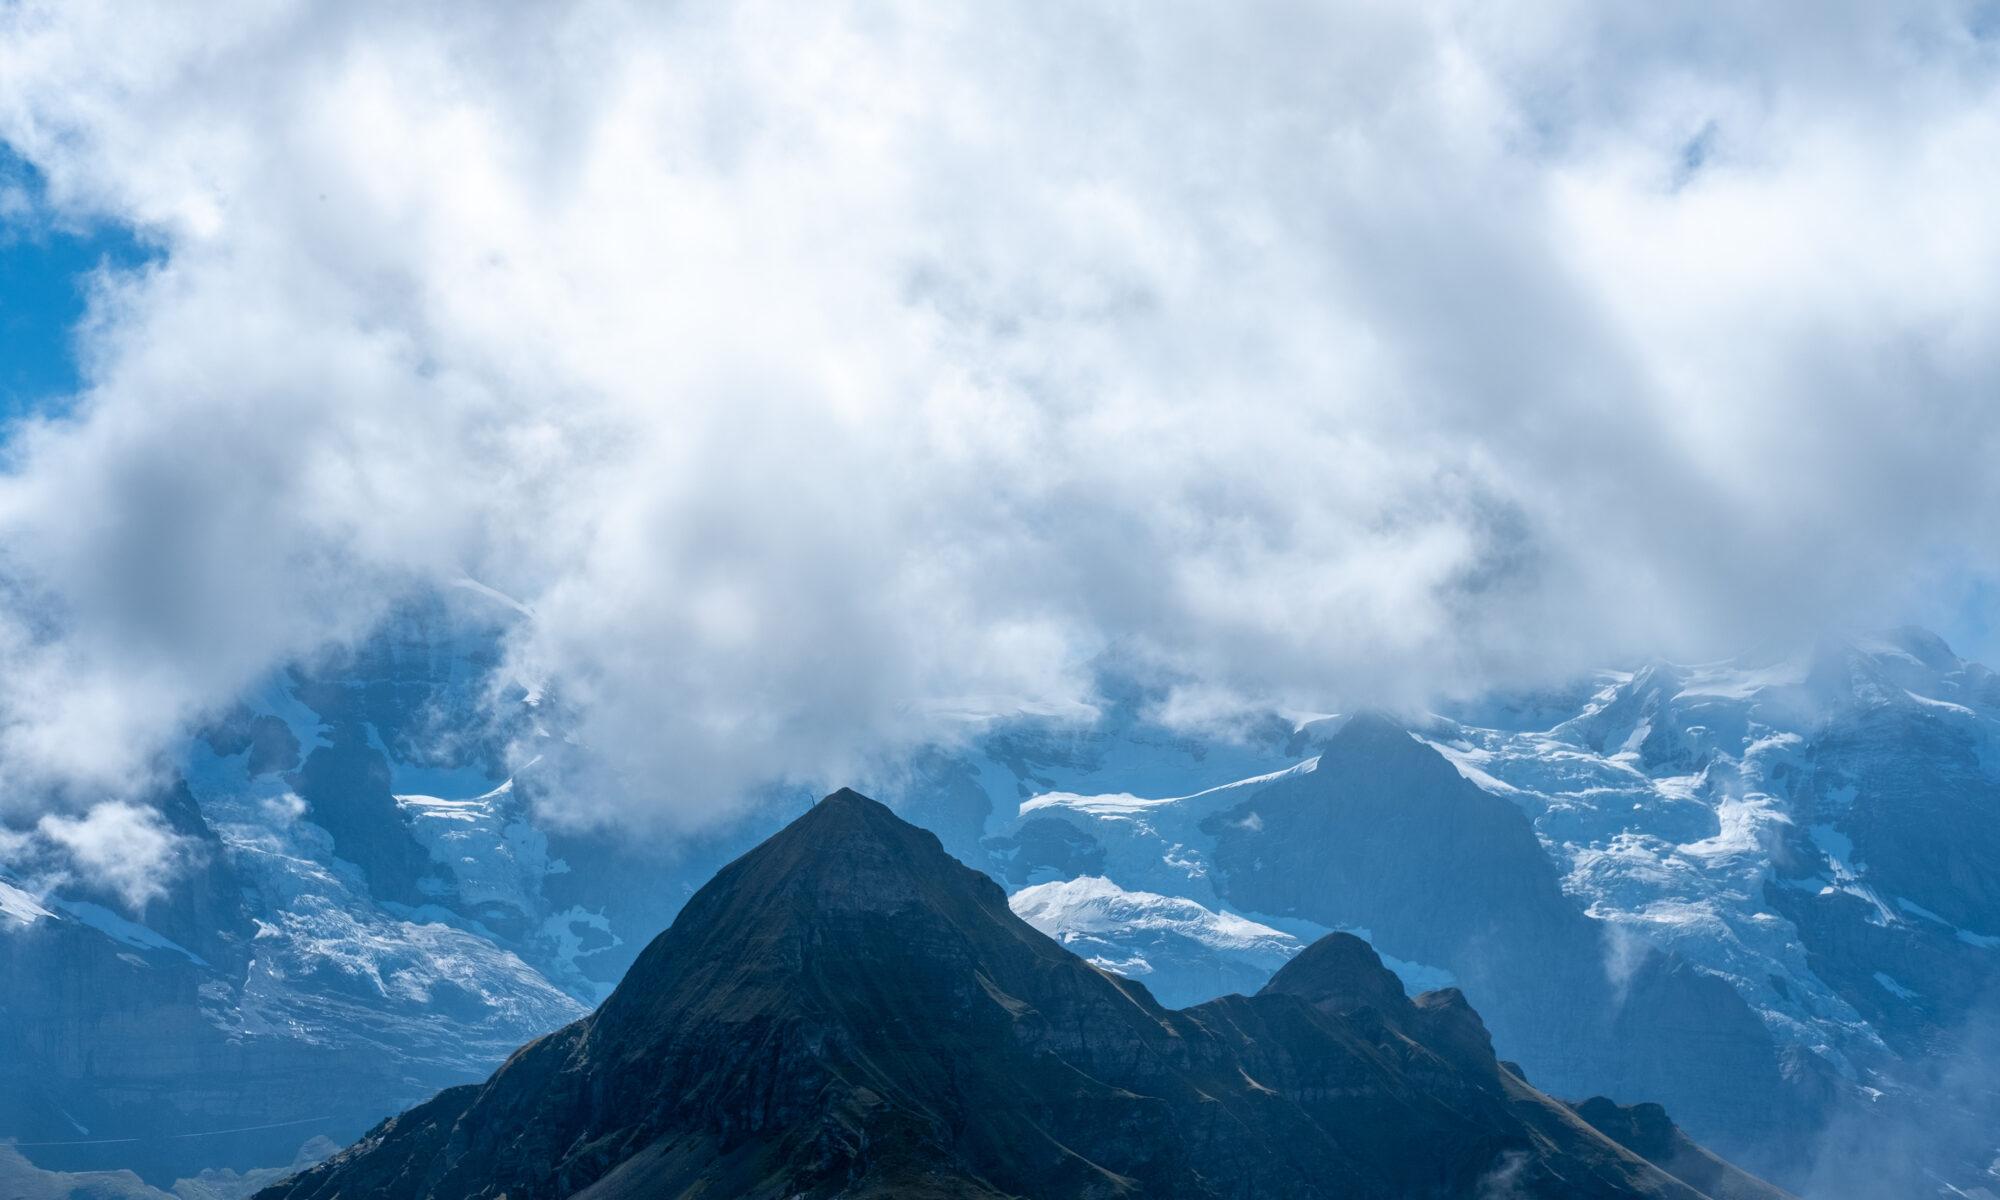 Eiger, Mönch und Jungfrau in den Wolken